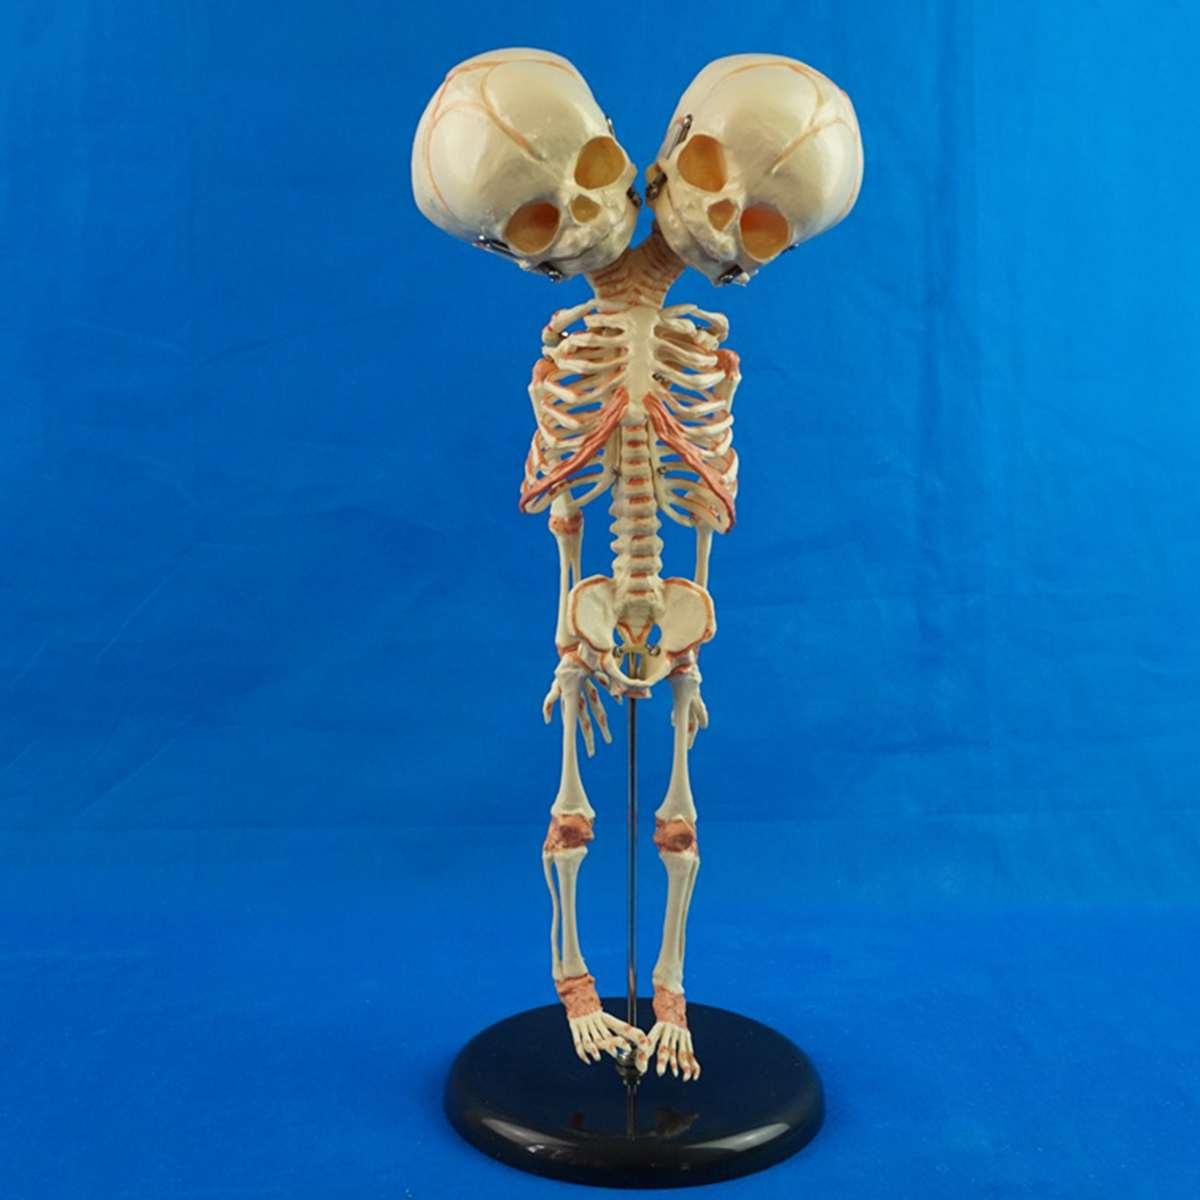 13*15*37 CM Humains Nouveau Double Tête Bébé Anatomie squelette de crâne Anatomique Cerveau D'enseignement D'anatomie Modèle Anatomique Étude affichage